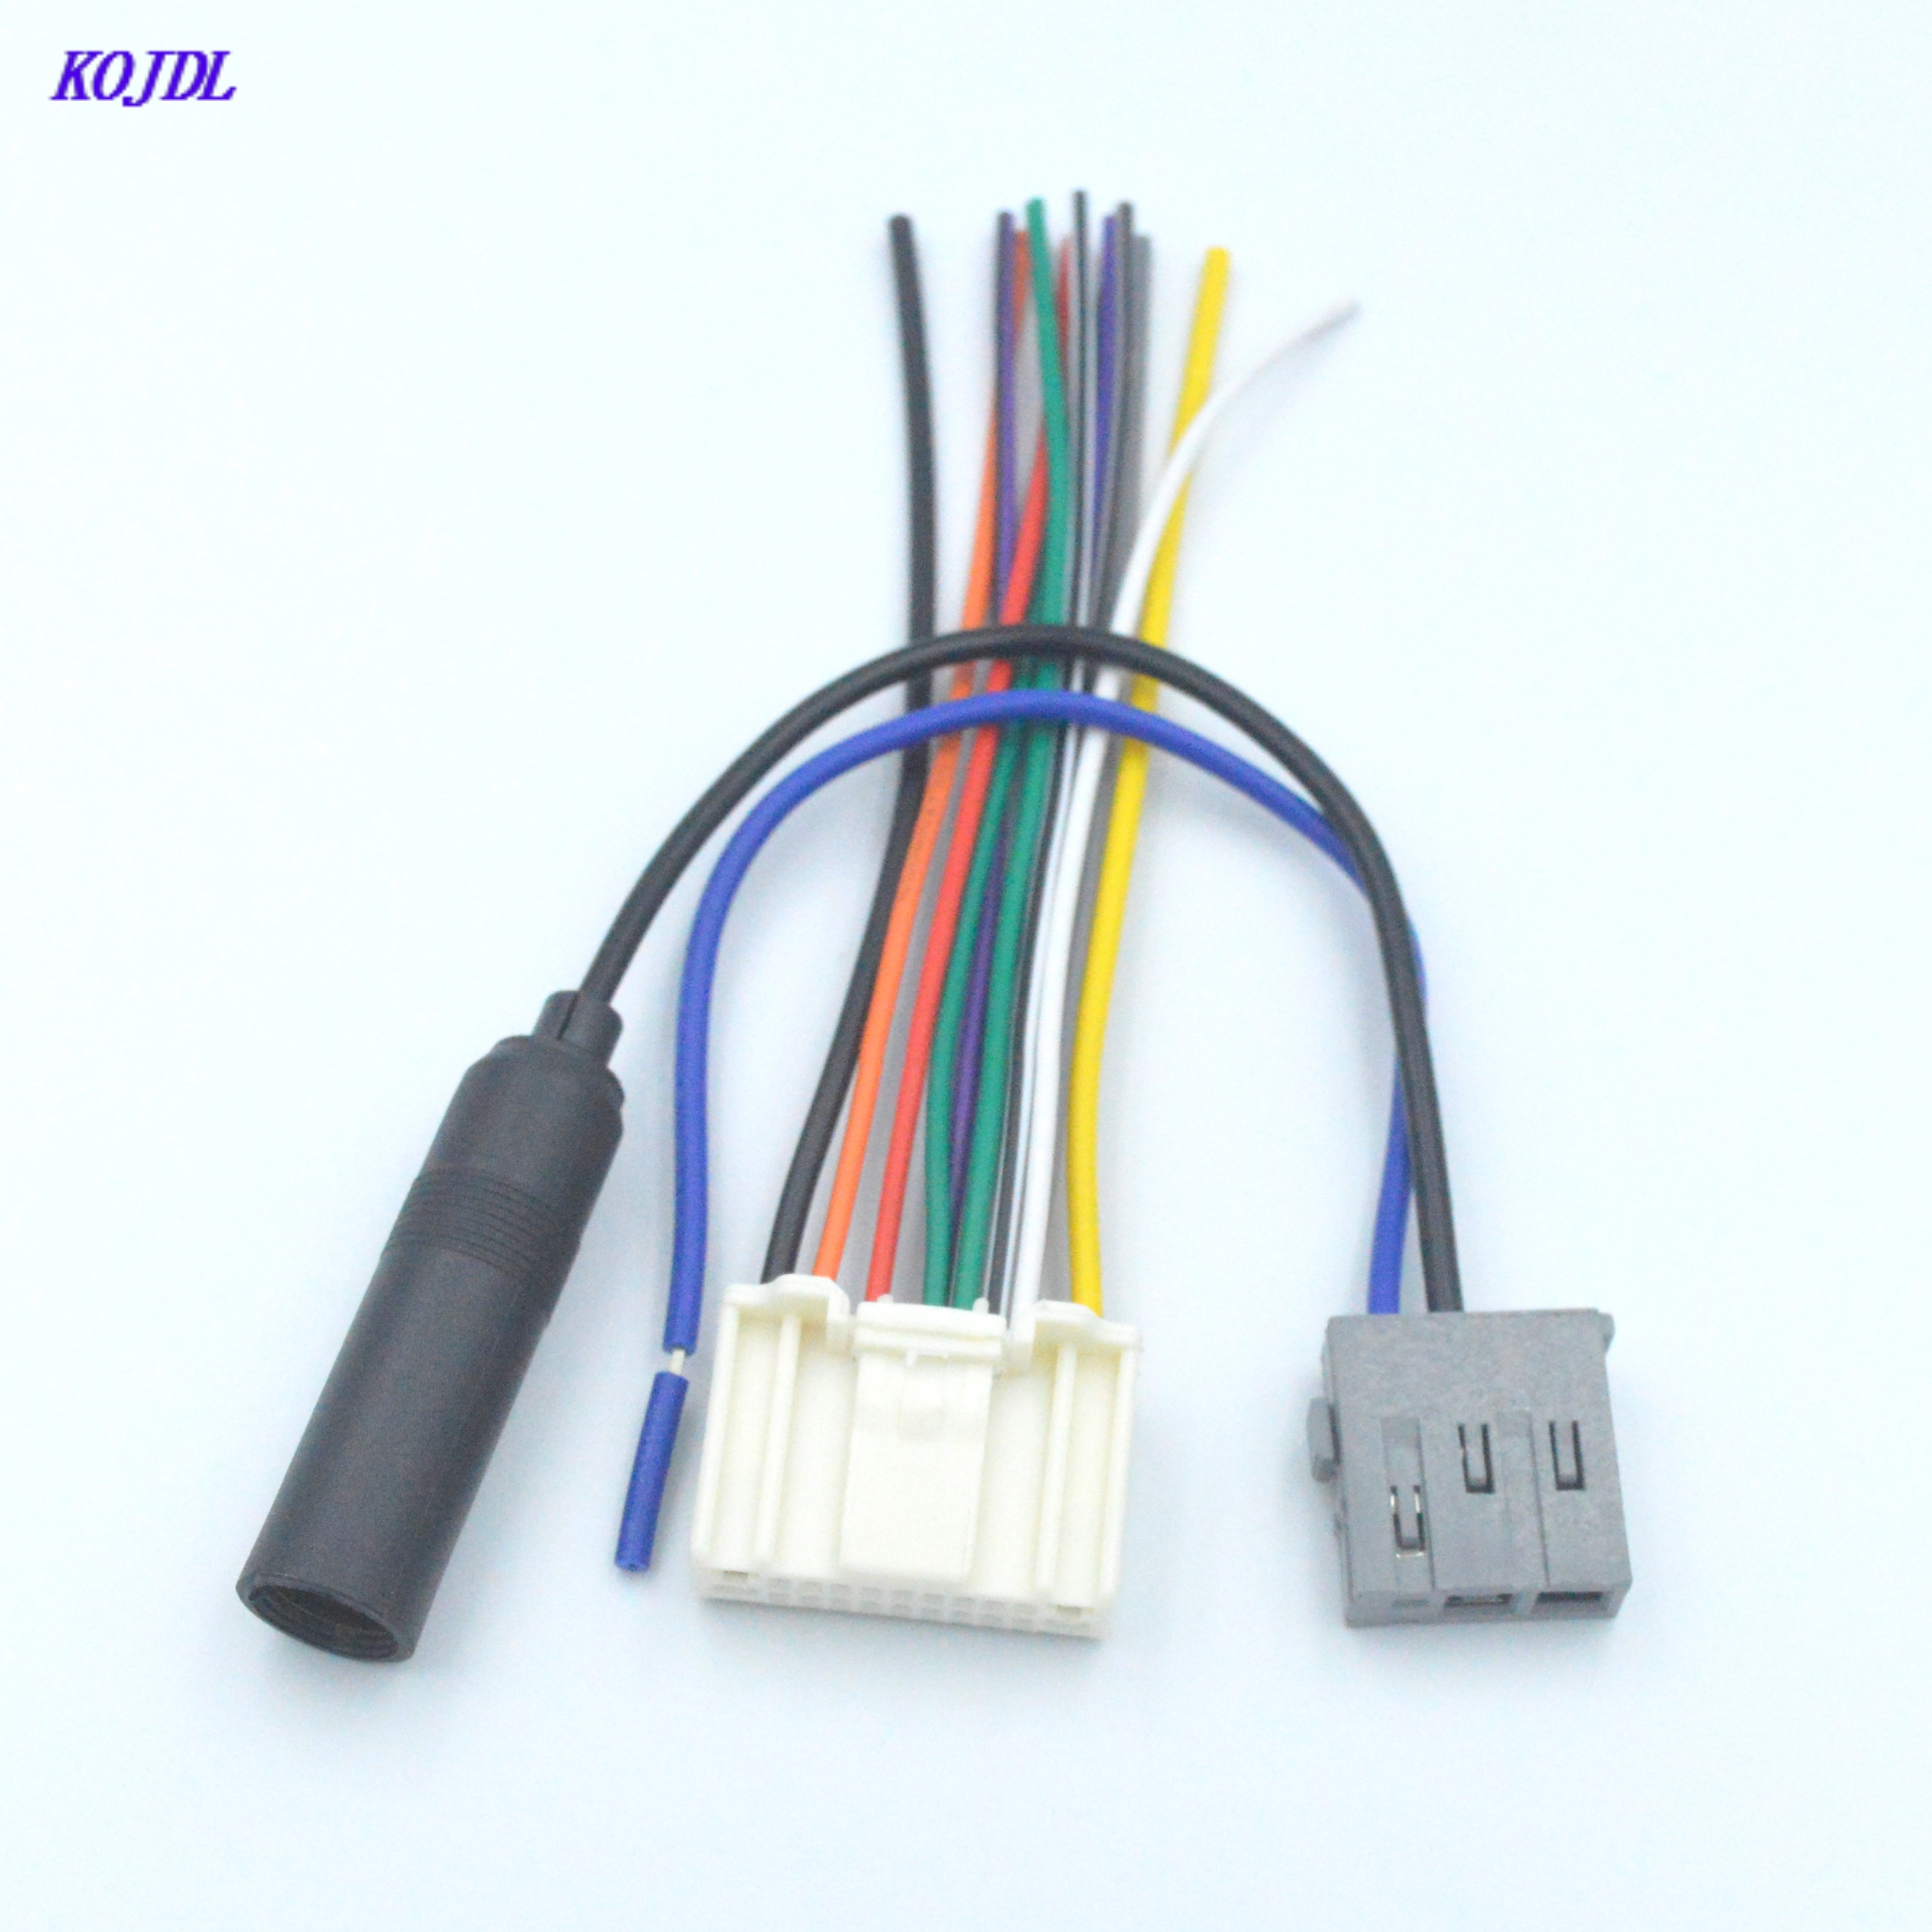 Автомобильный стерео аудио антенна жгут проводов адаптер вилка антенный комплект для Nissan Subaru Infiniti OEM завод радио CD костюм Горячая